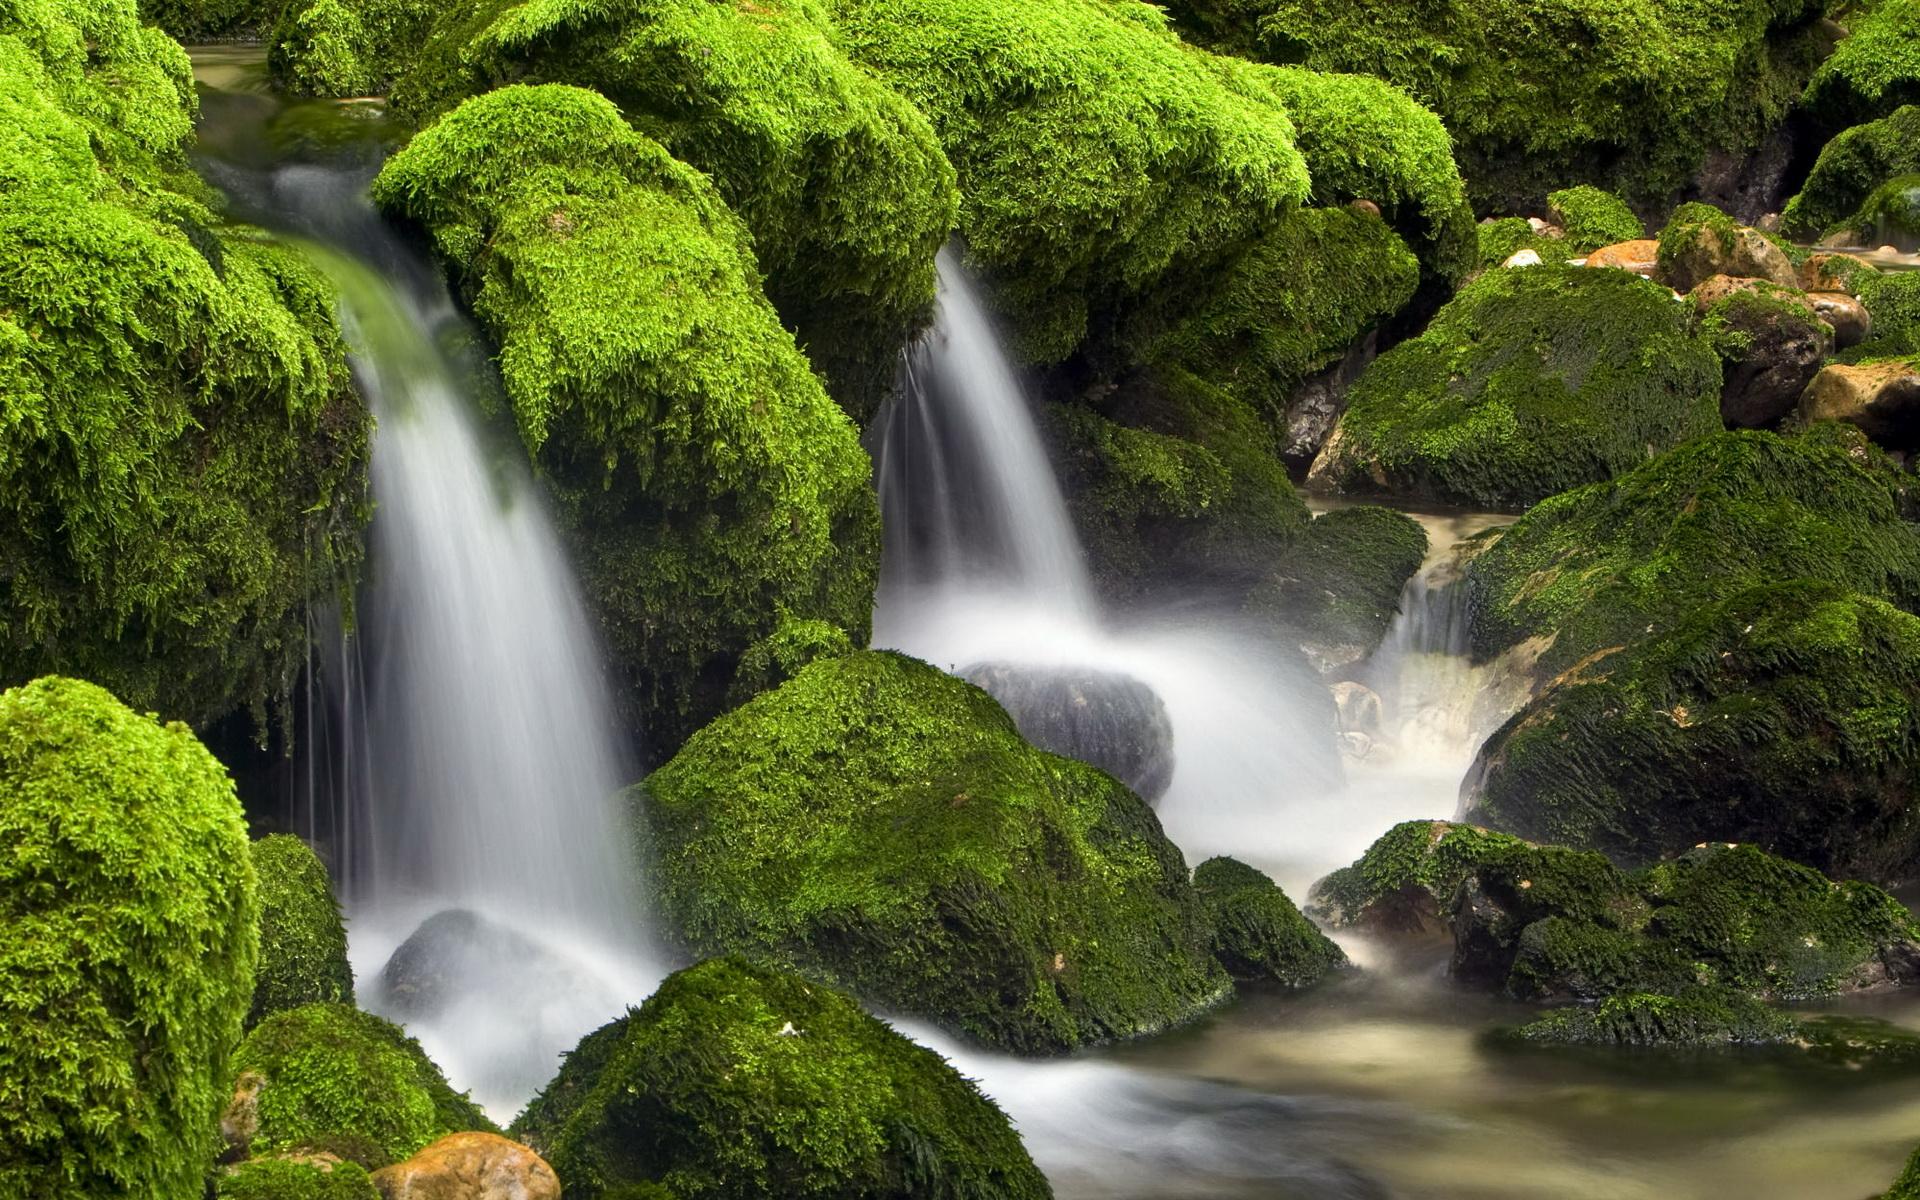 поговорим картинки живые водопады красивые на рабочий стол верхнем правом углу